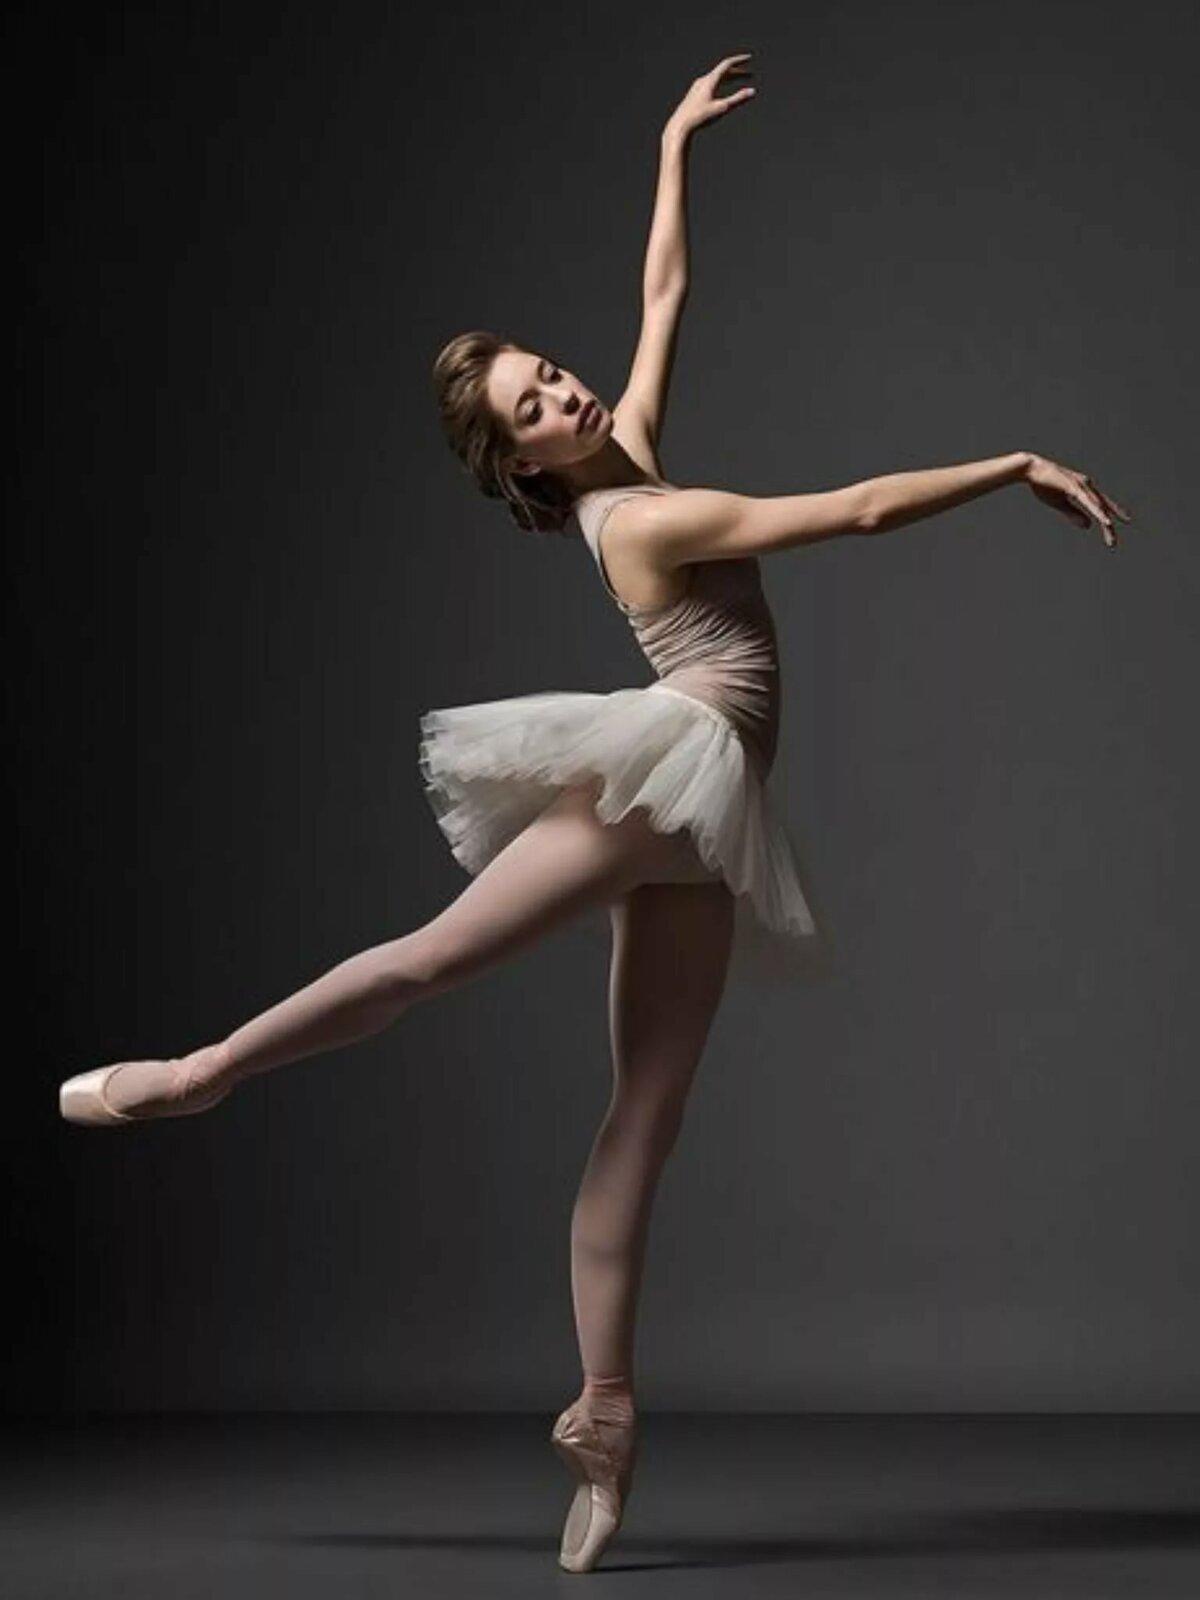 фото с балериной него